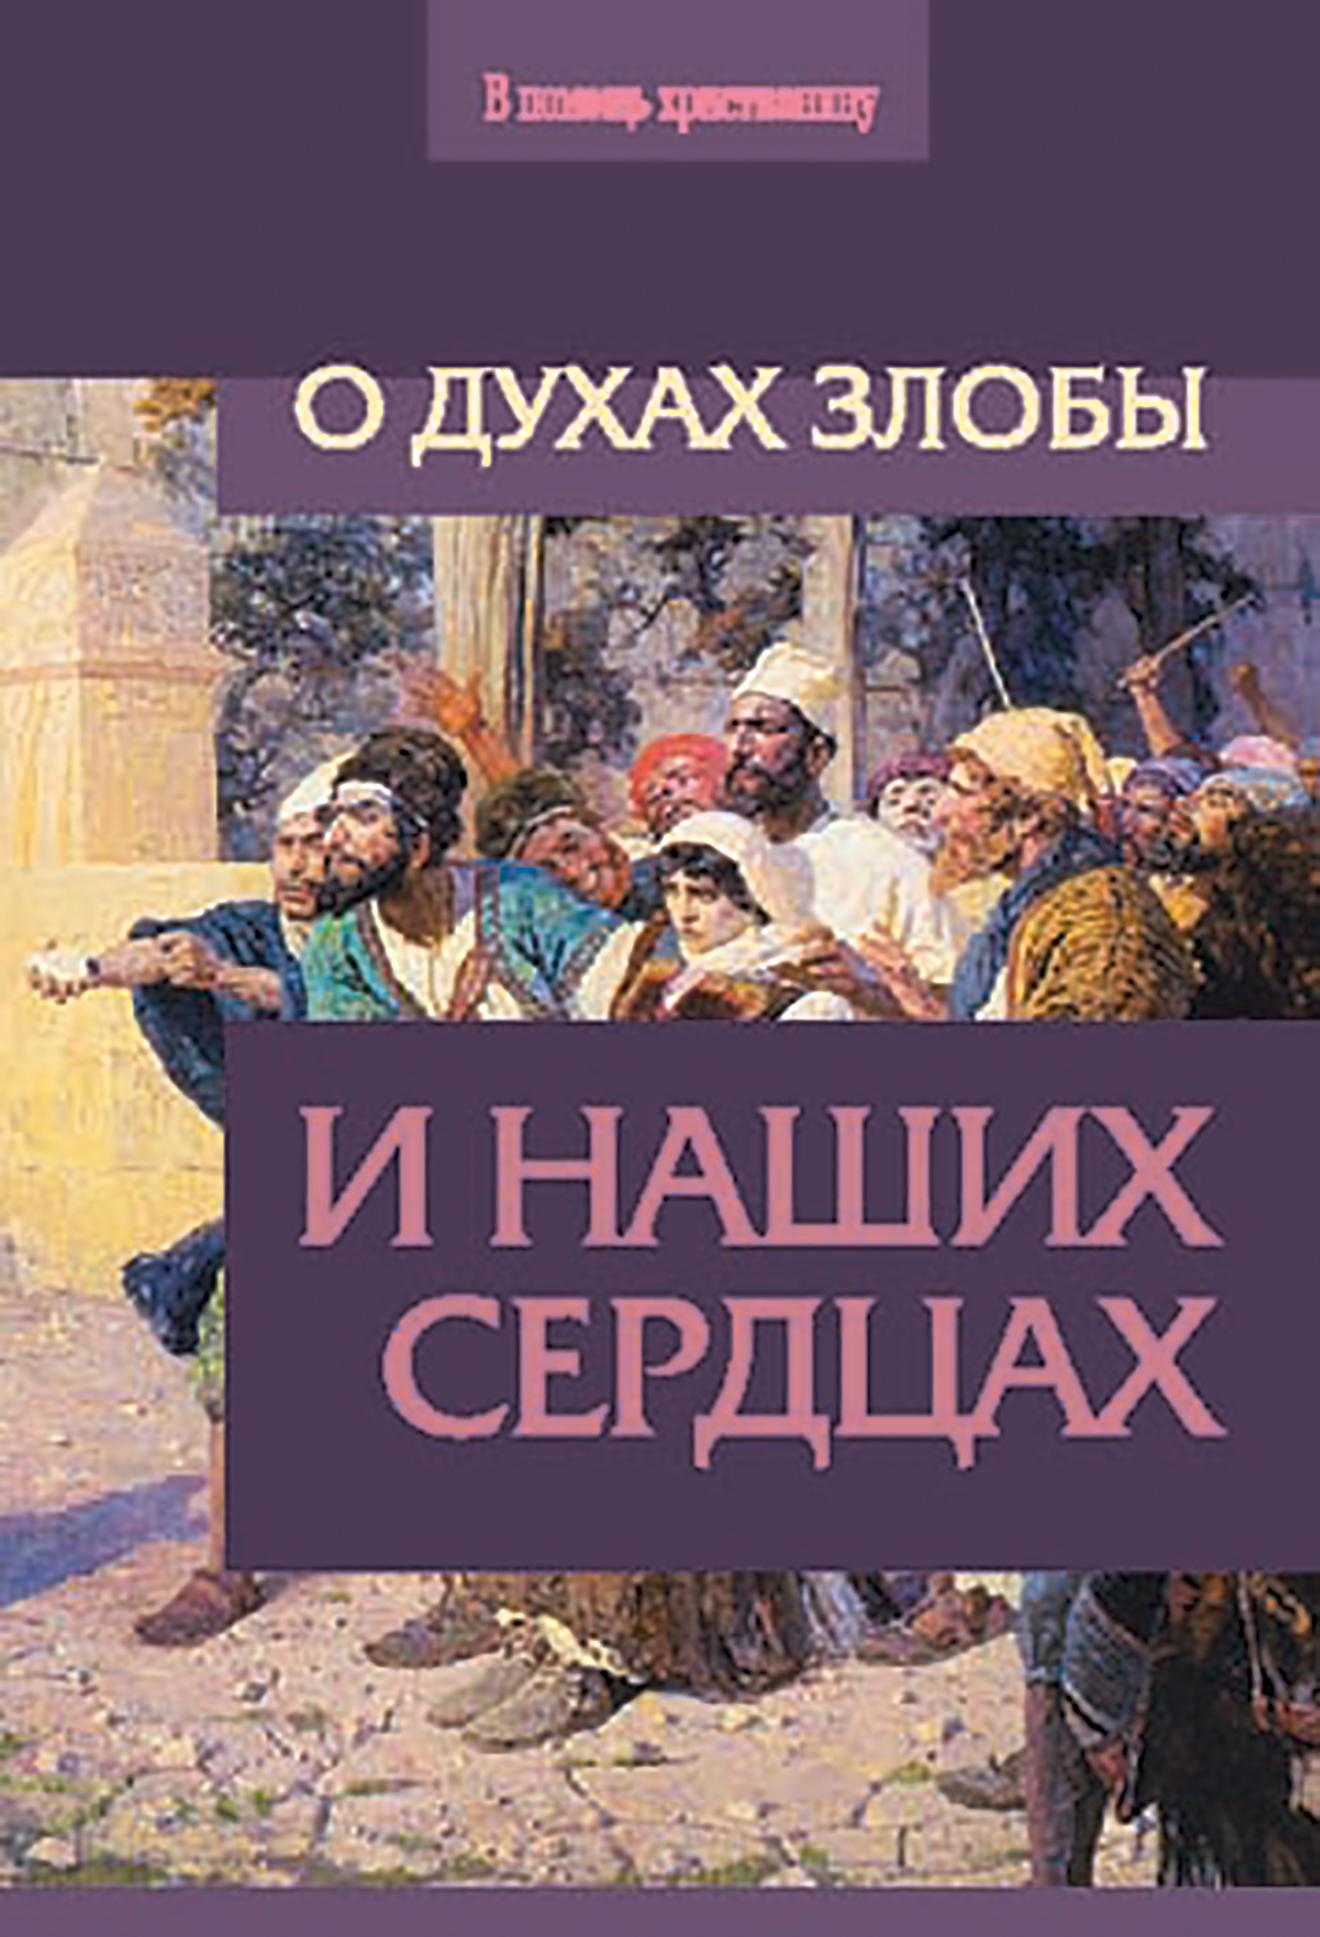 Купить книгу О духах злобы и наших сердцах, автора Сборника